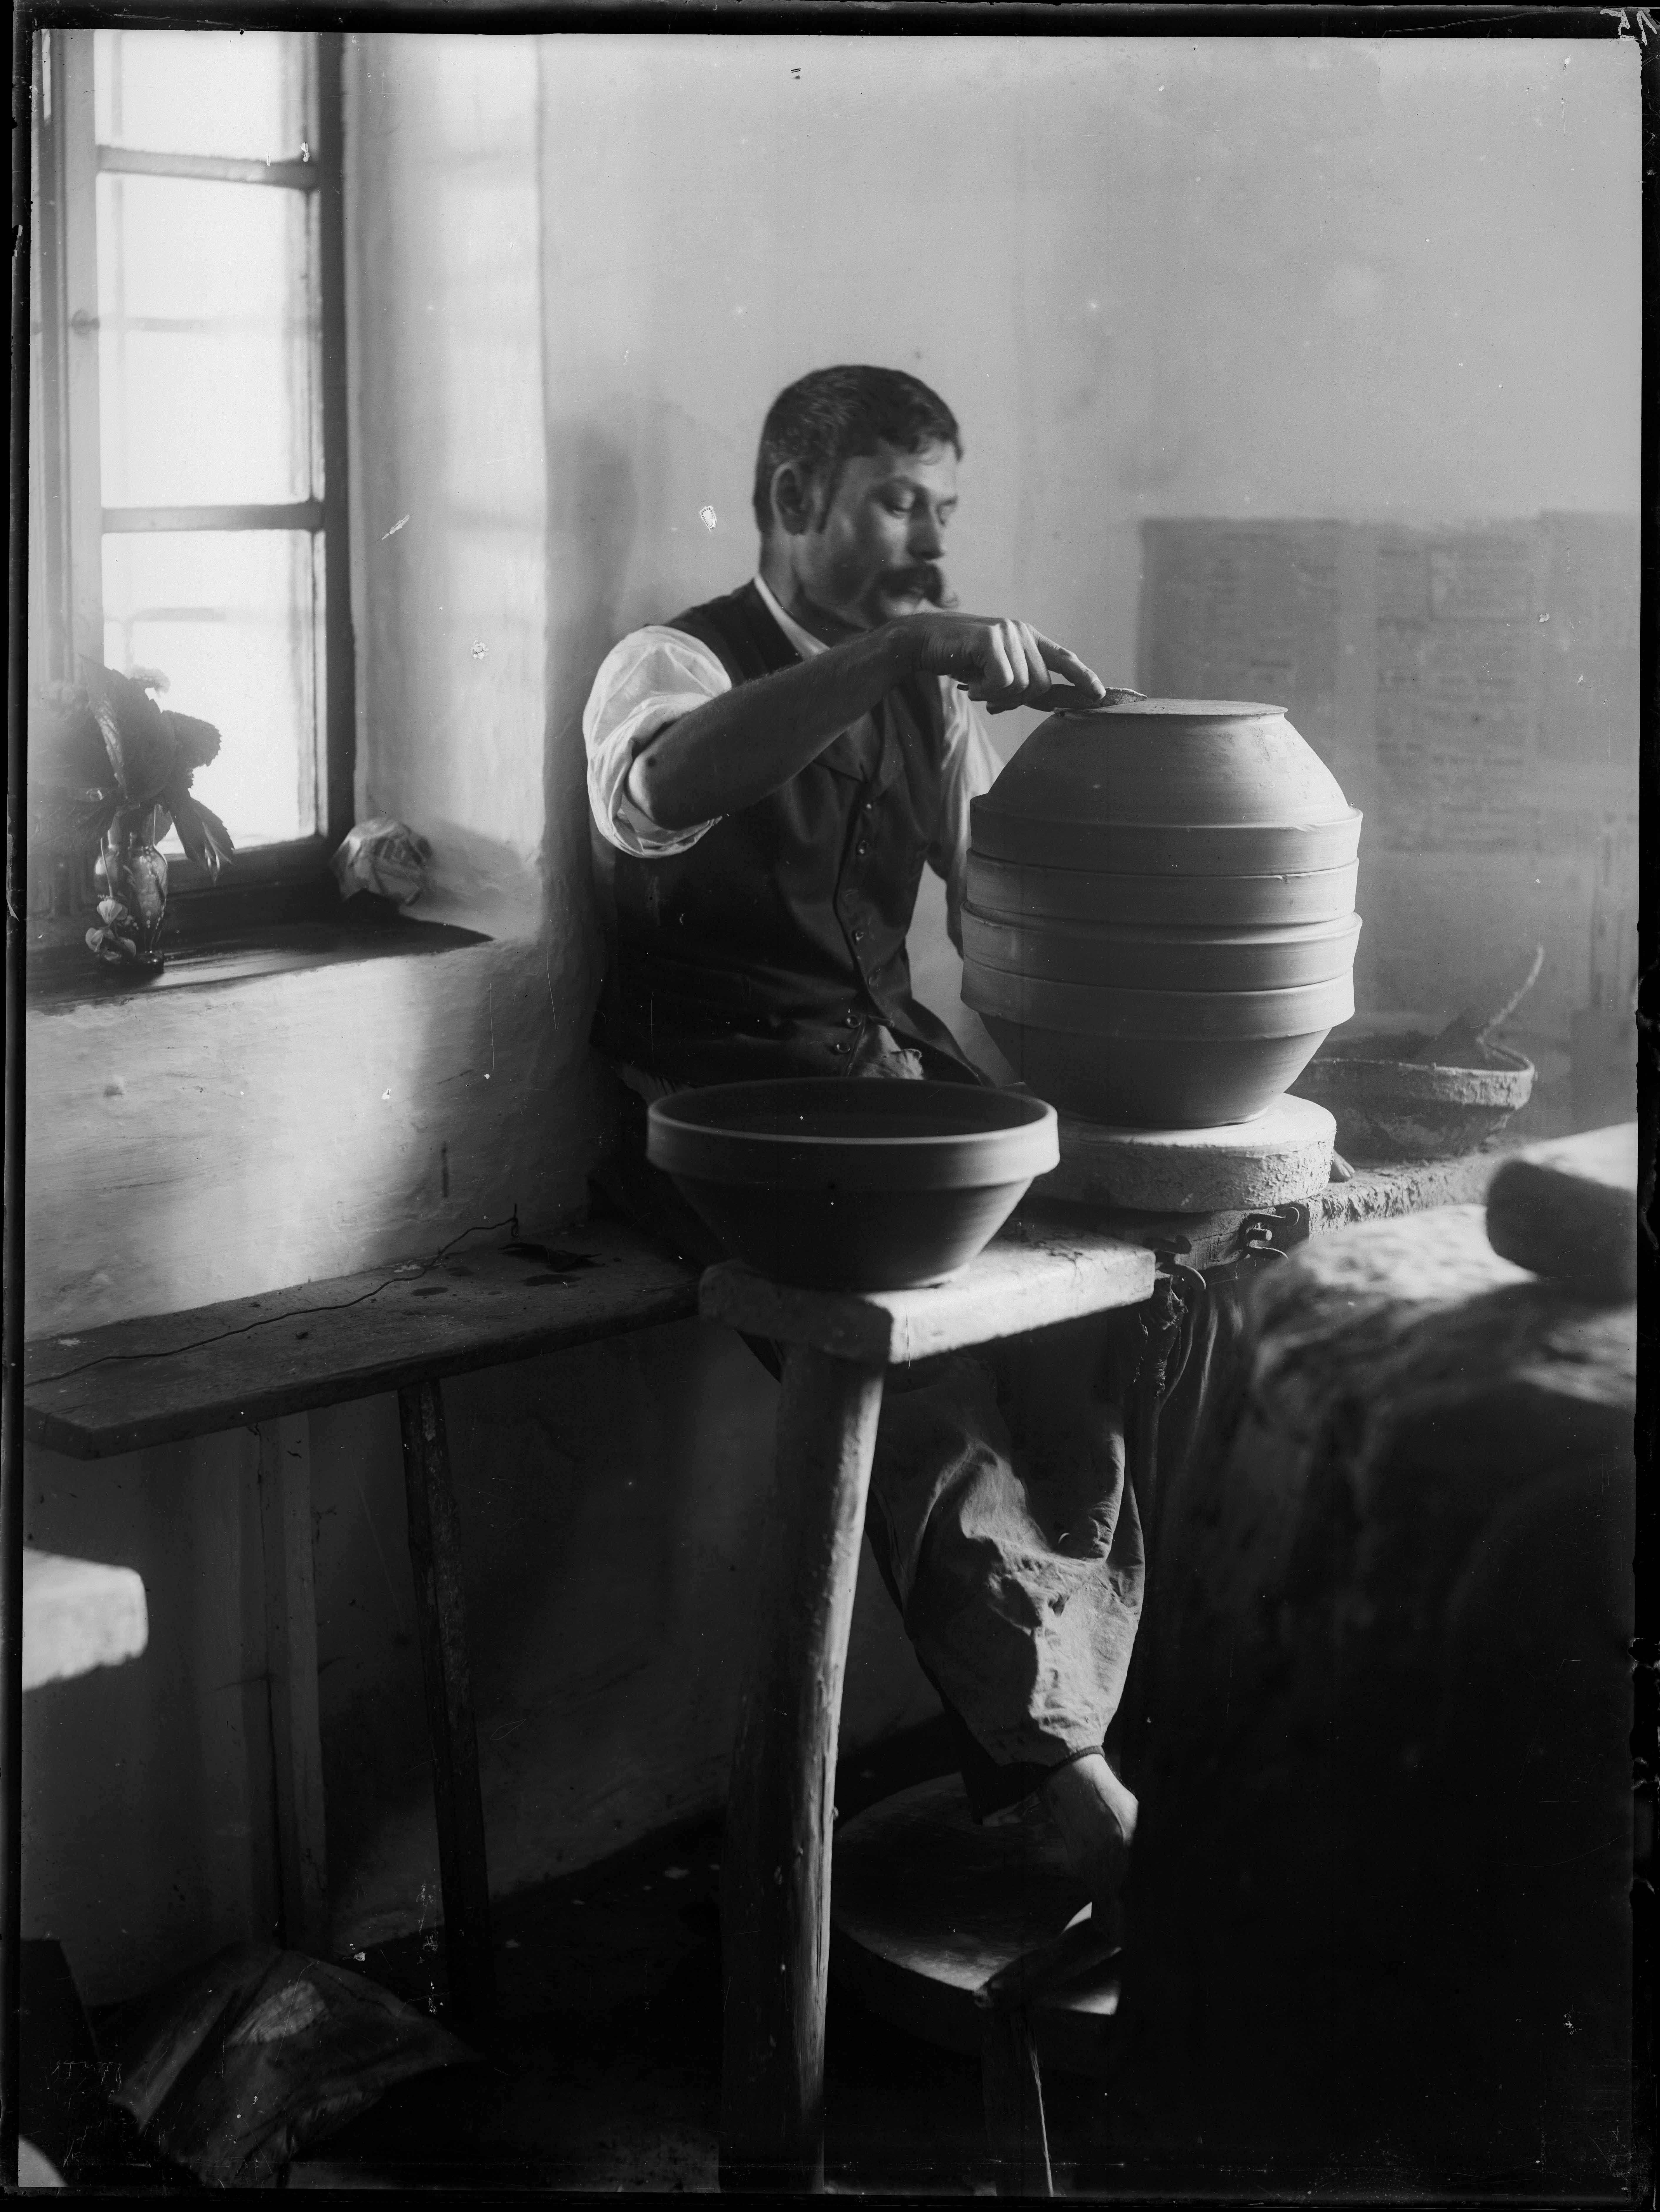 Fotó: Plohn József: A tál fenékszögének kialakítása. © Tornyai János Múzeum gyűjteménye, Hódmezővásárhely